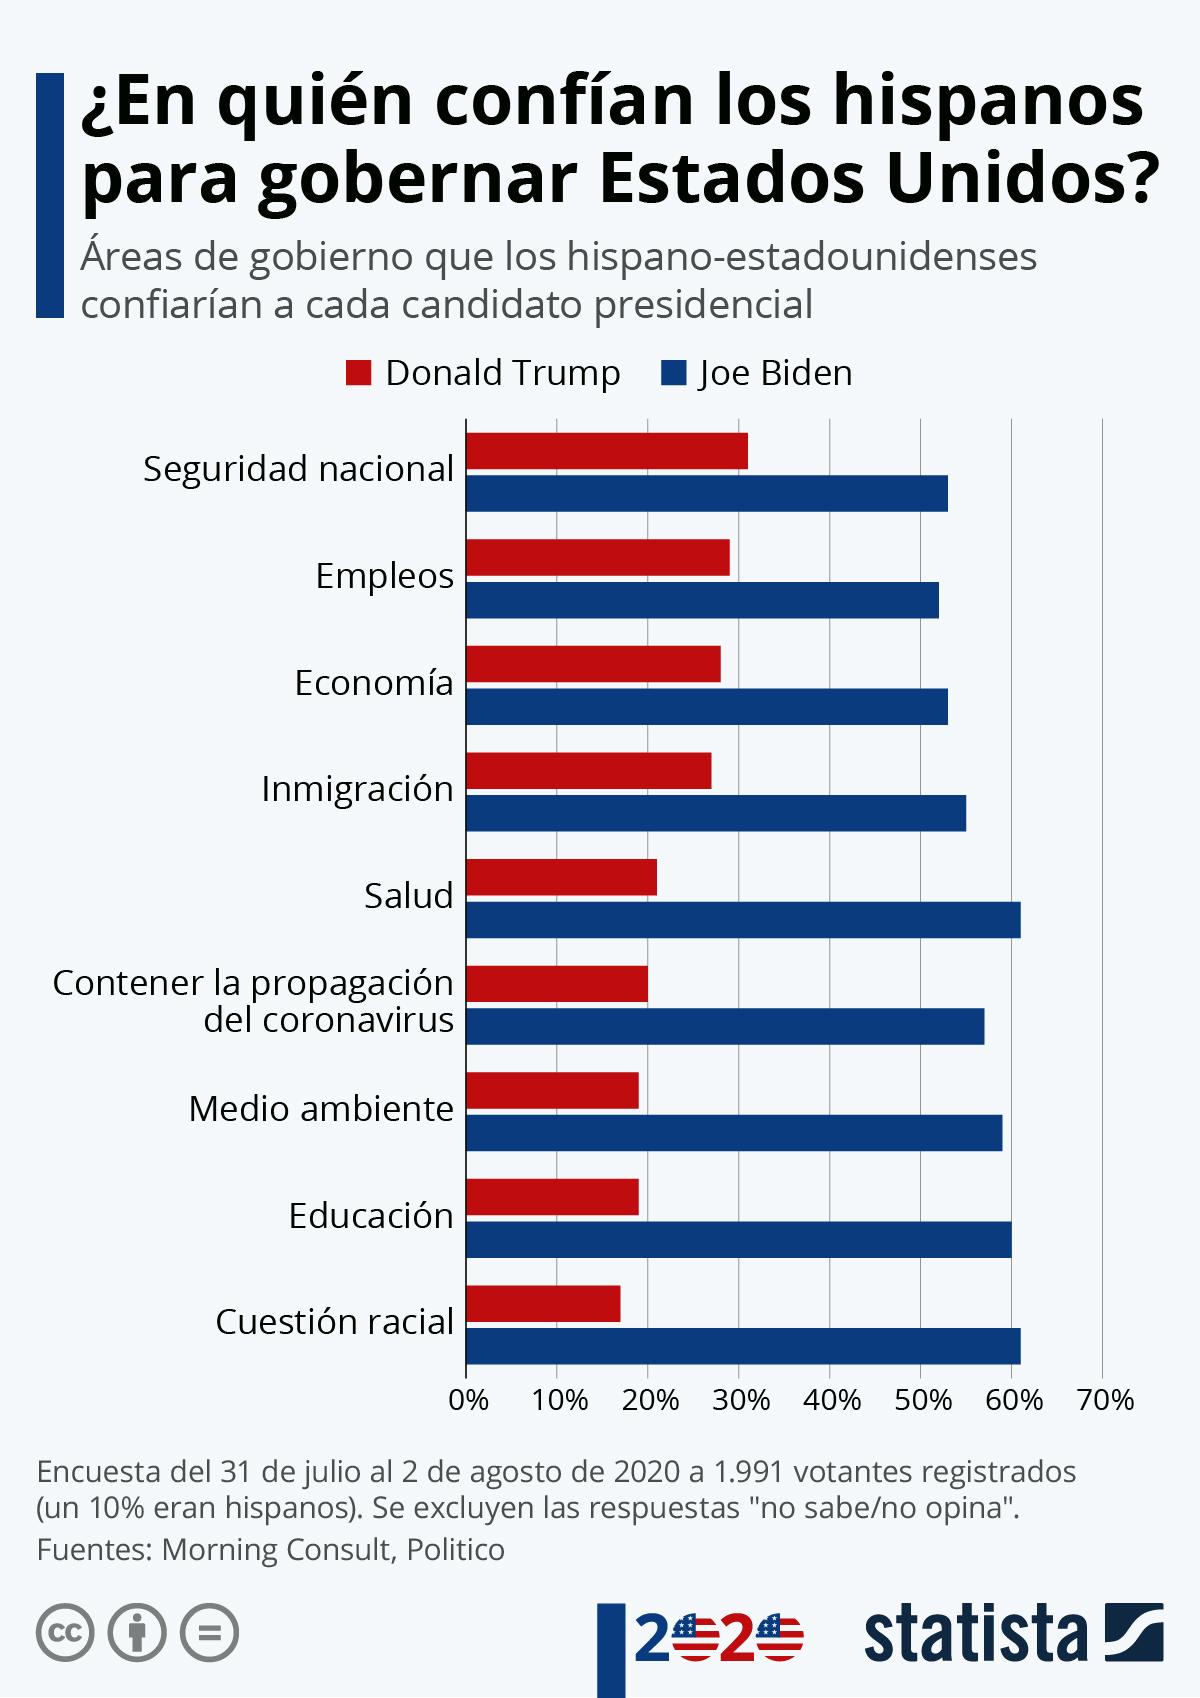 Infografía: Los hispanos en Estados Unidos confían más en Biden que en Trump | Statista